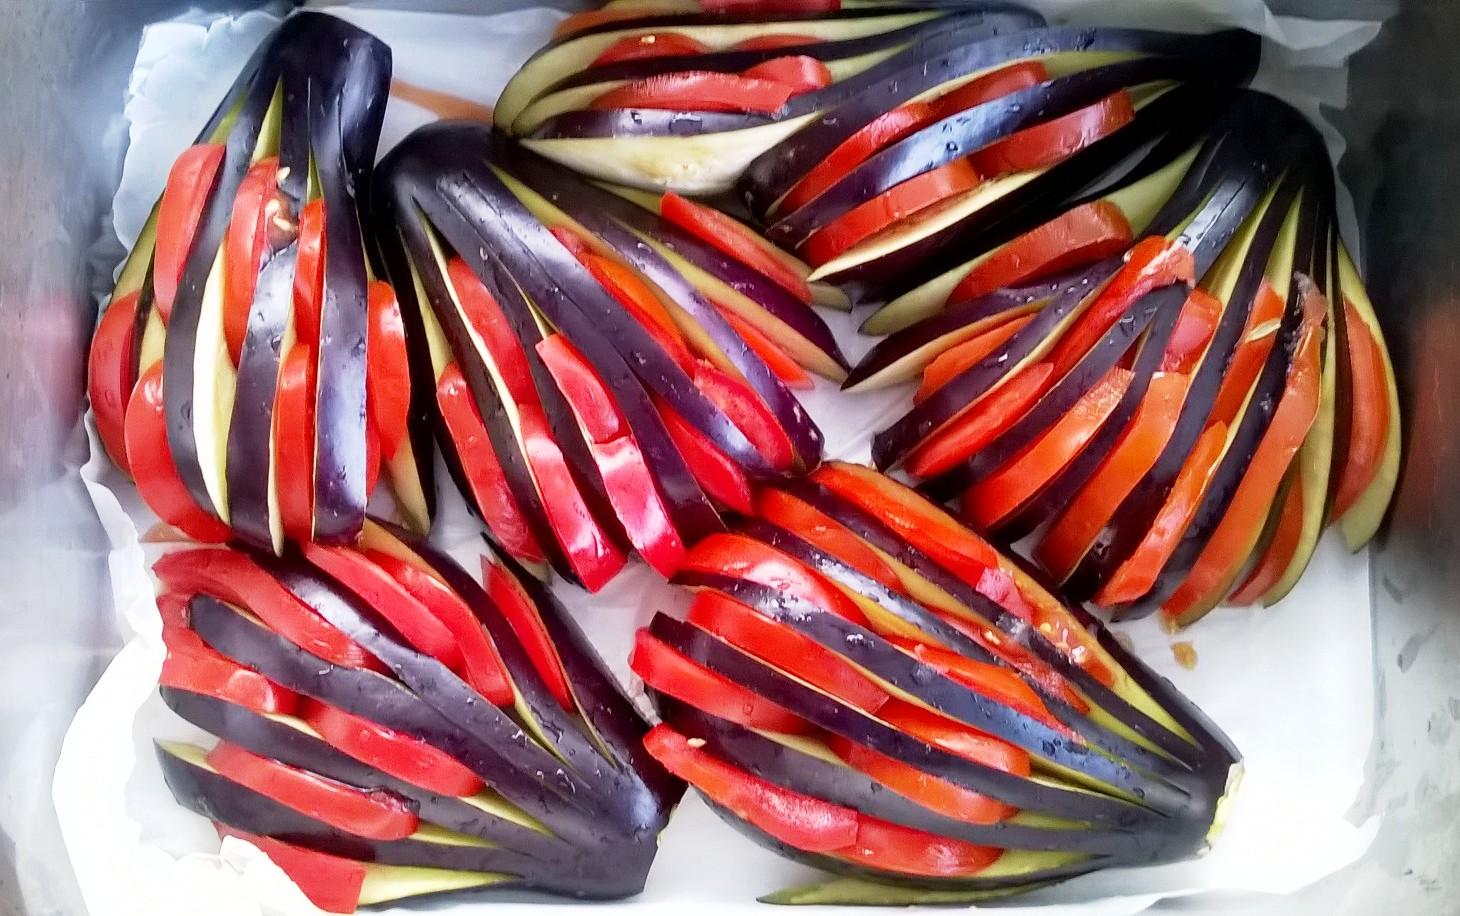 Eggplant Fans